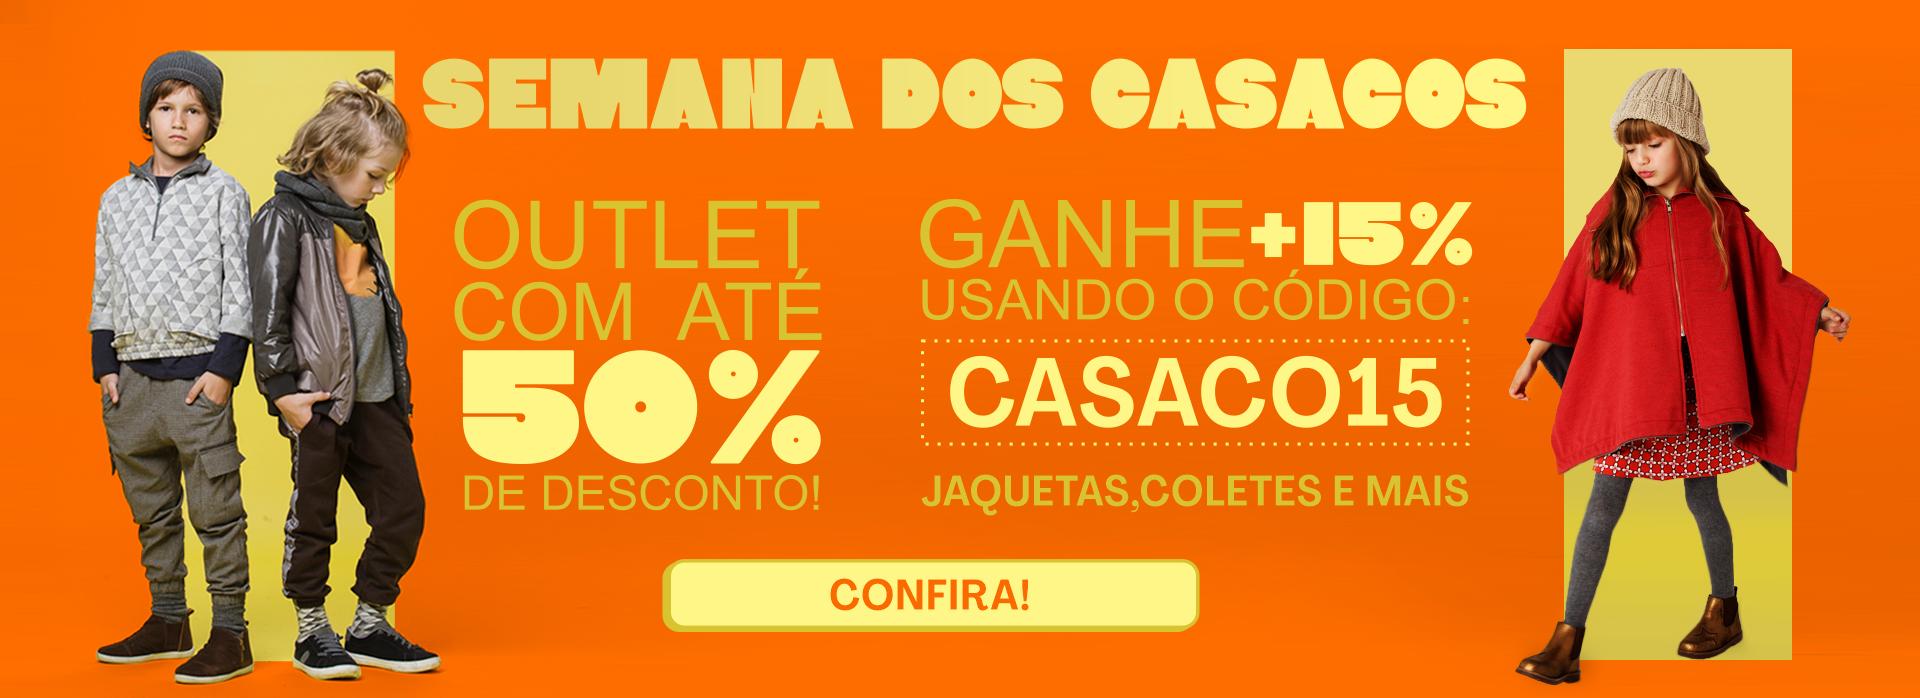 Banner - Semana dos Casacos